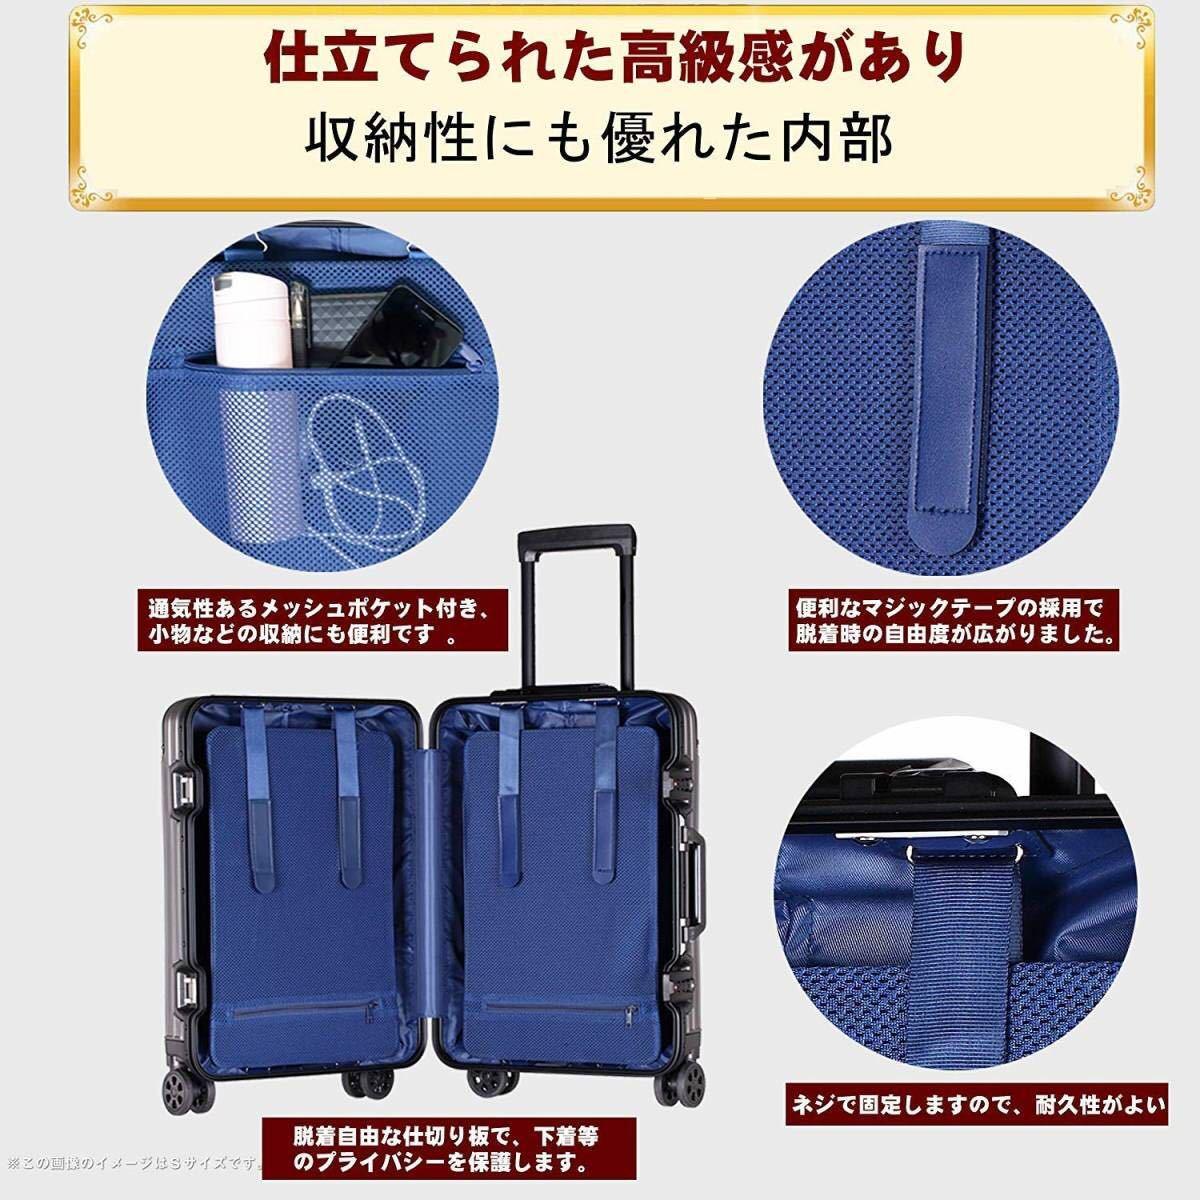 スーツケース アルミマグネシウム合金 キャリーバッグ 360度回転 静音キャスター TSAロック フレームタイプ 保護カバー付 軽量 新品未使用_画像5